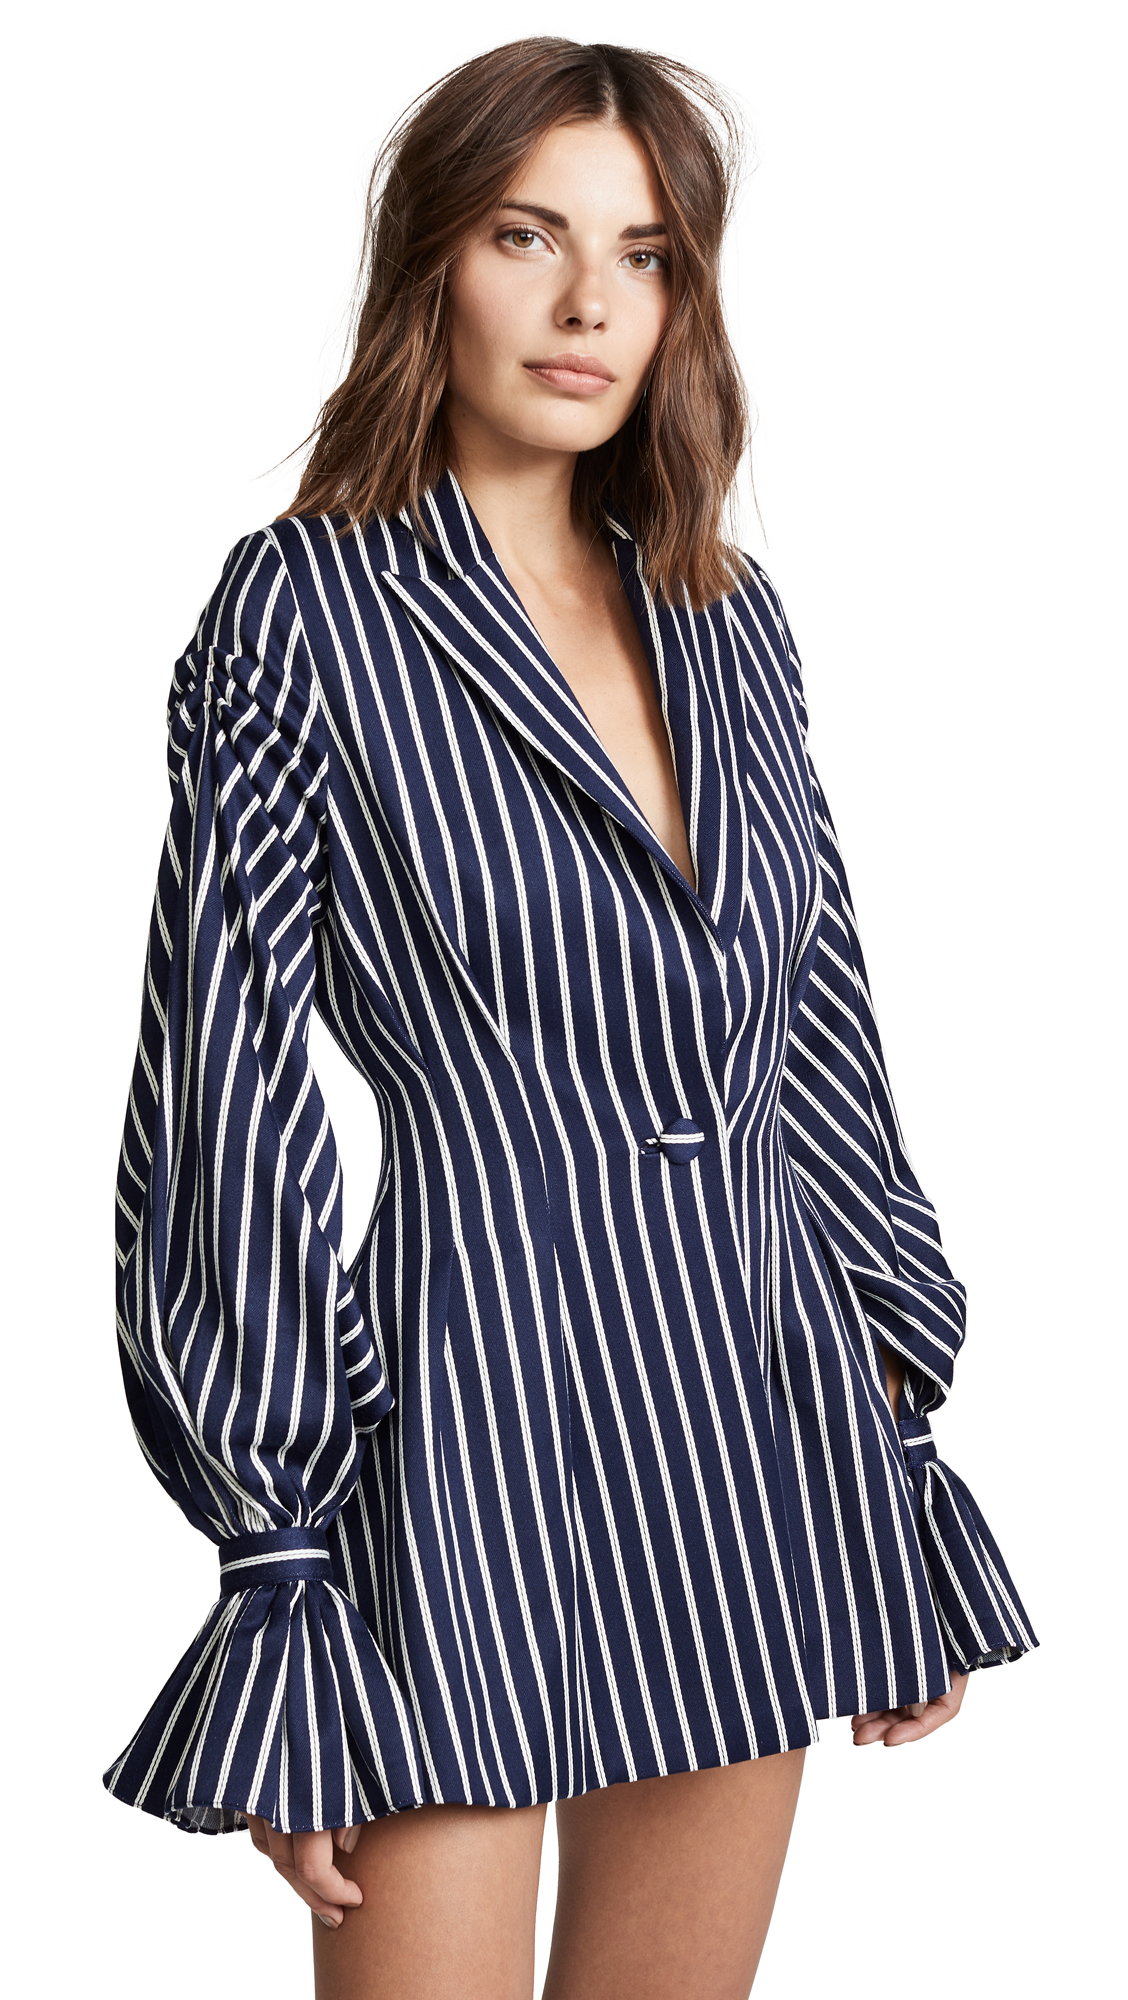 VATANIKA Pinstripe Ruffle Blazer Dress in Navy/White